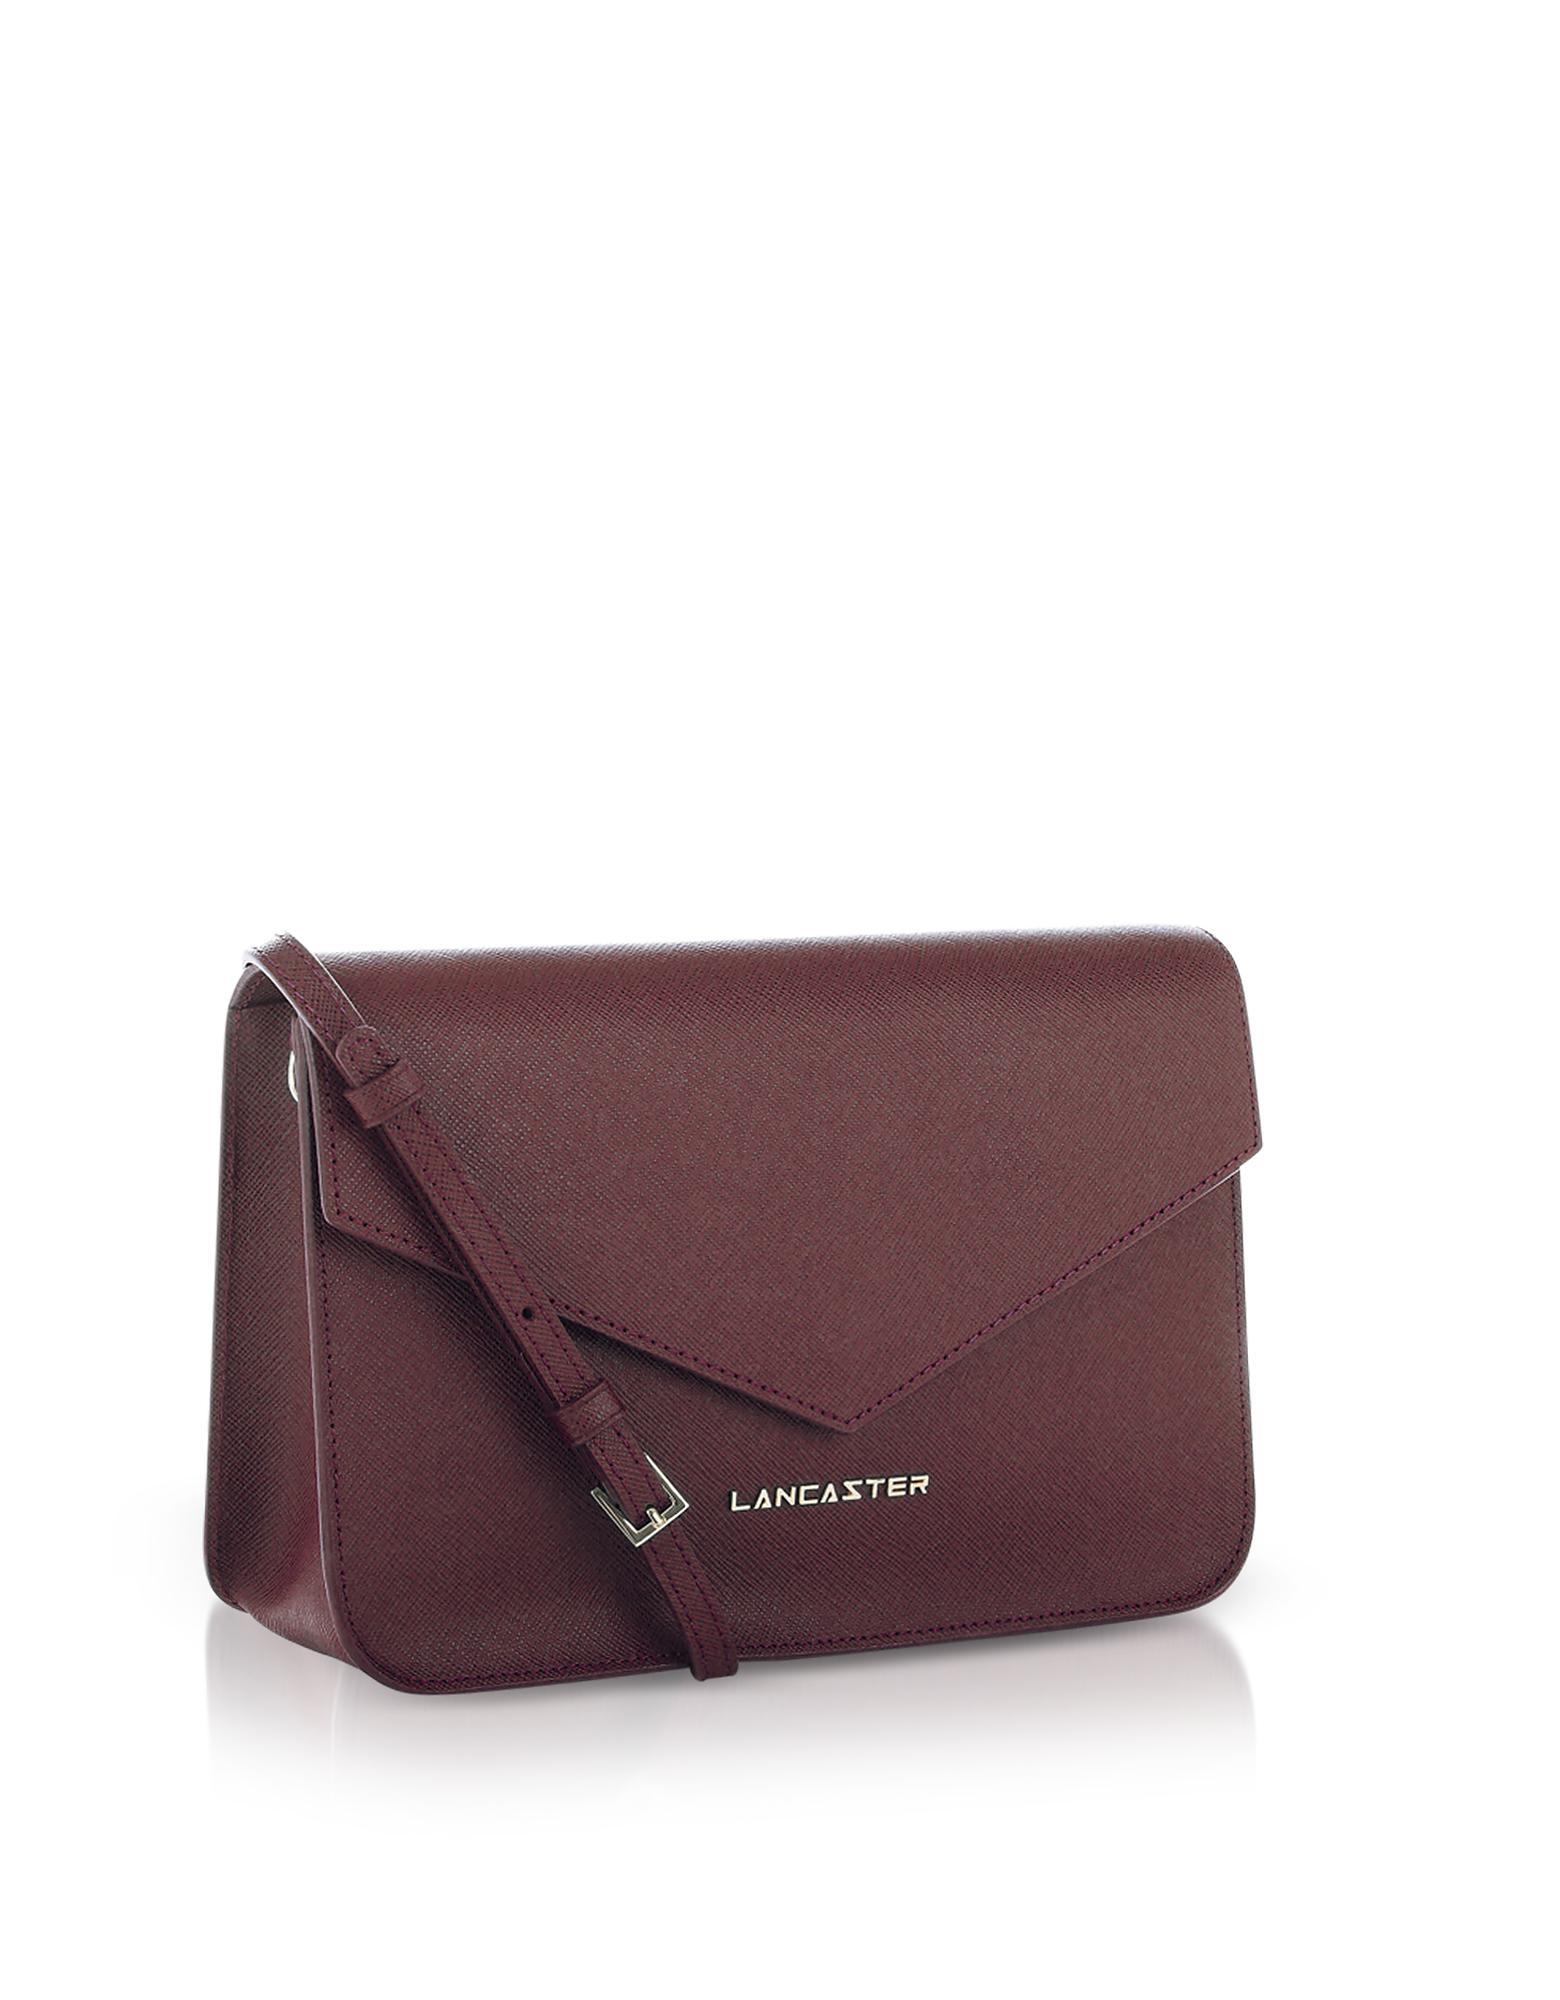 Lyst - Lancaster Paris Bordeaux Saffiano Signature Flap Clutch W strap in  Purple 94eea1fbae